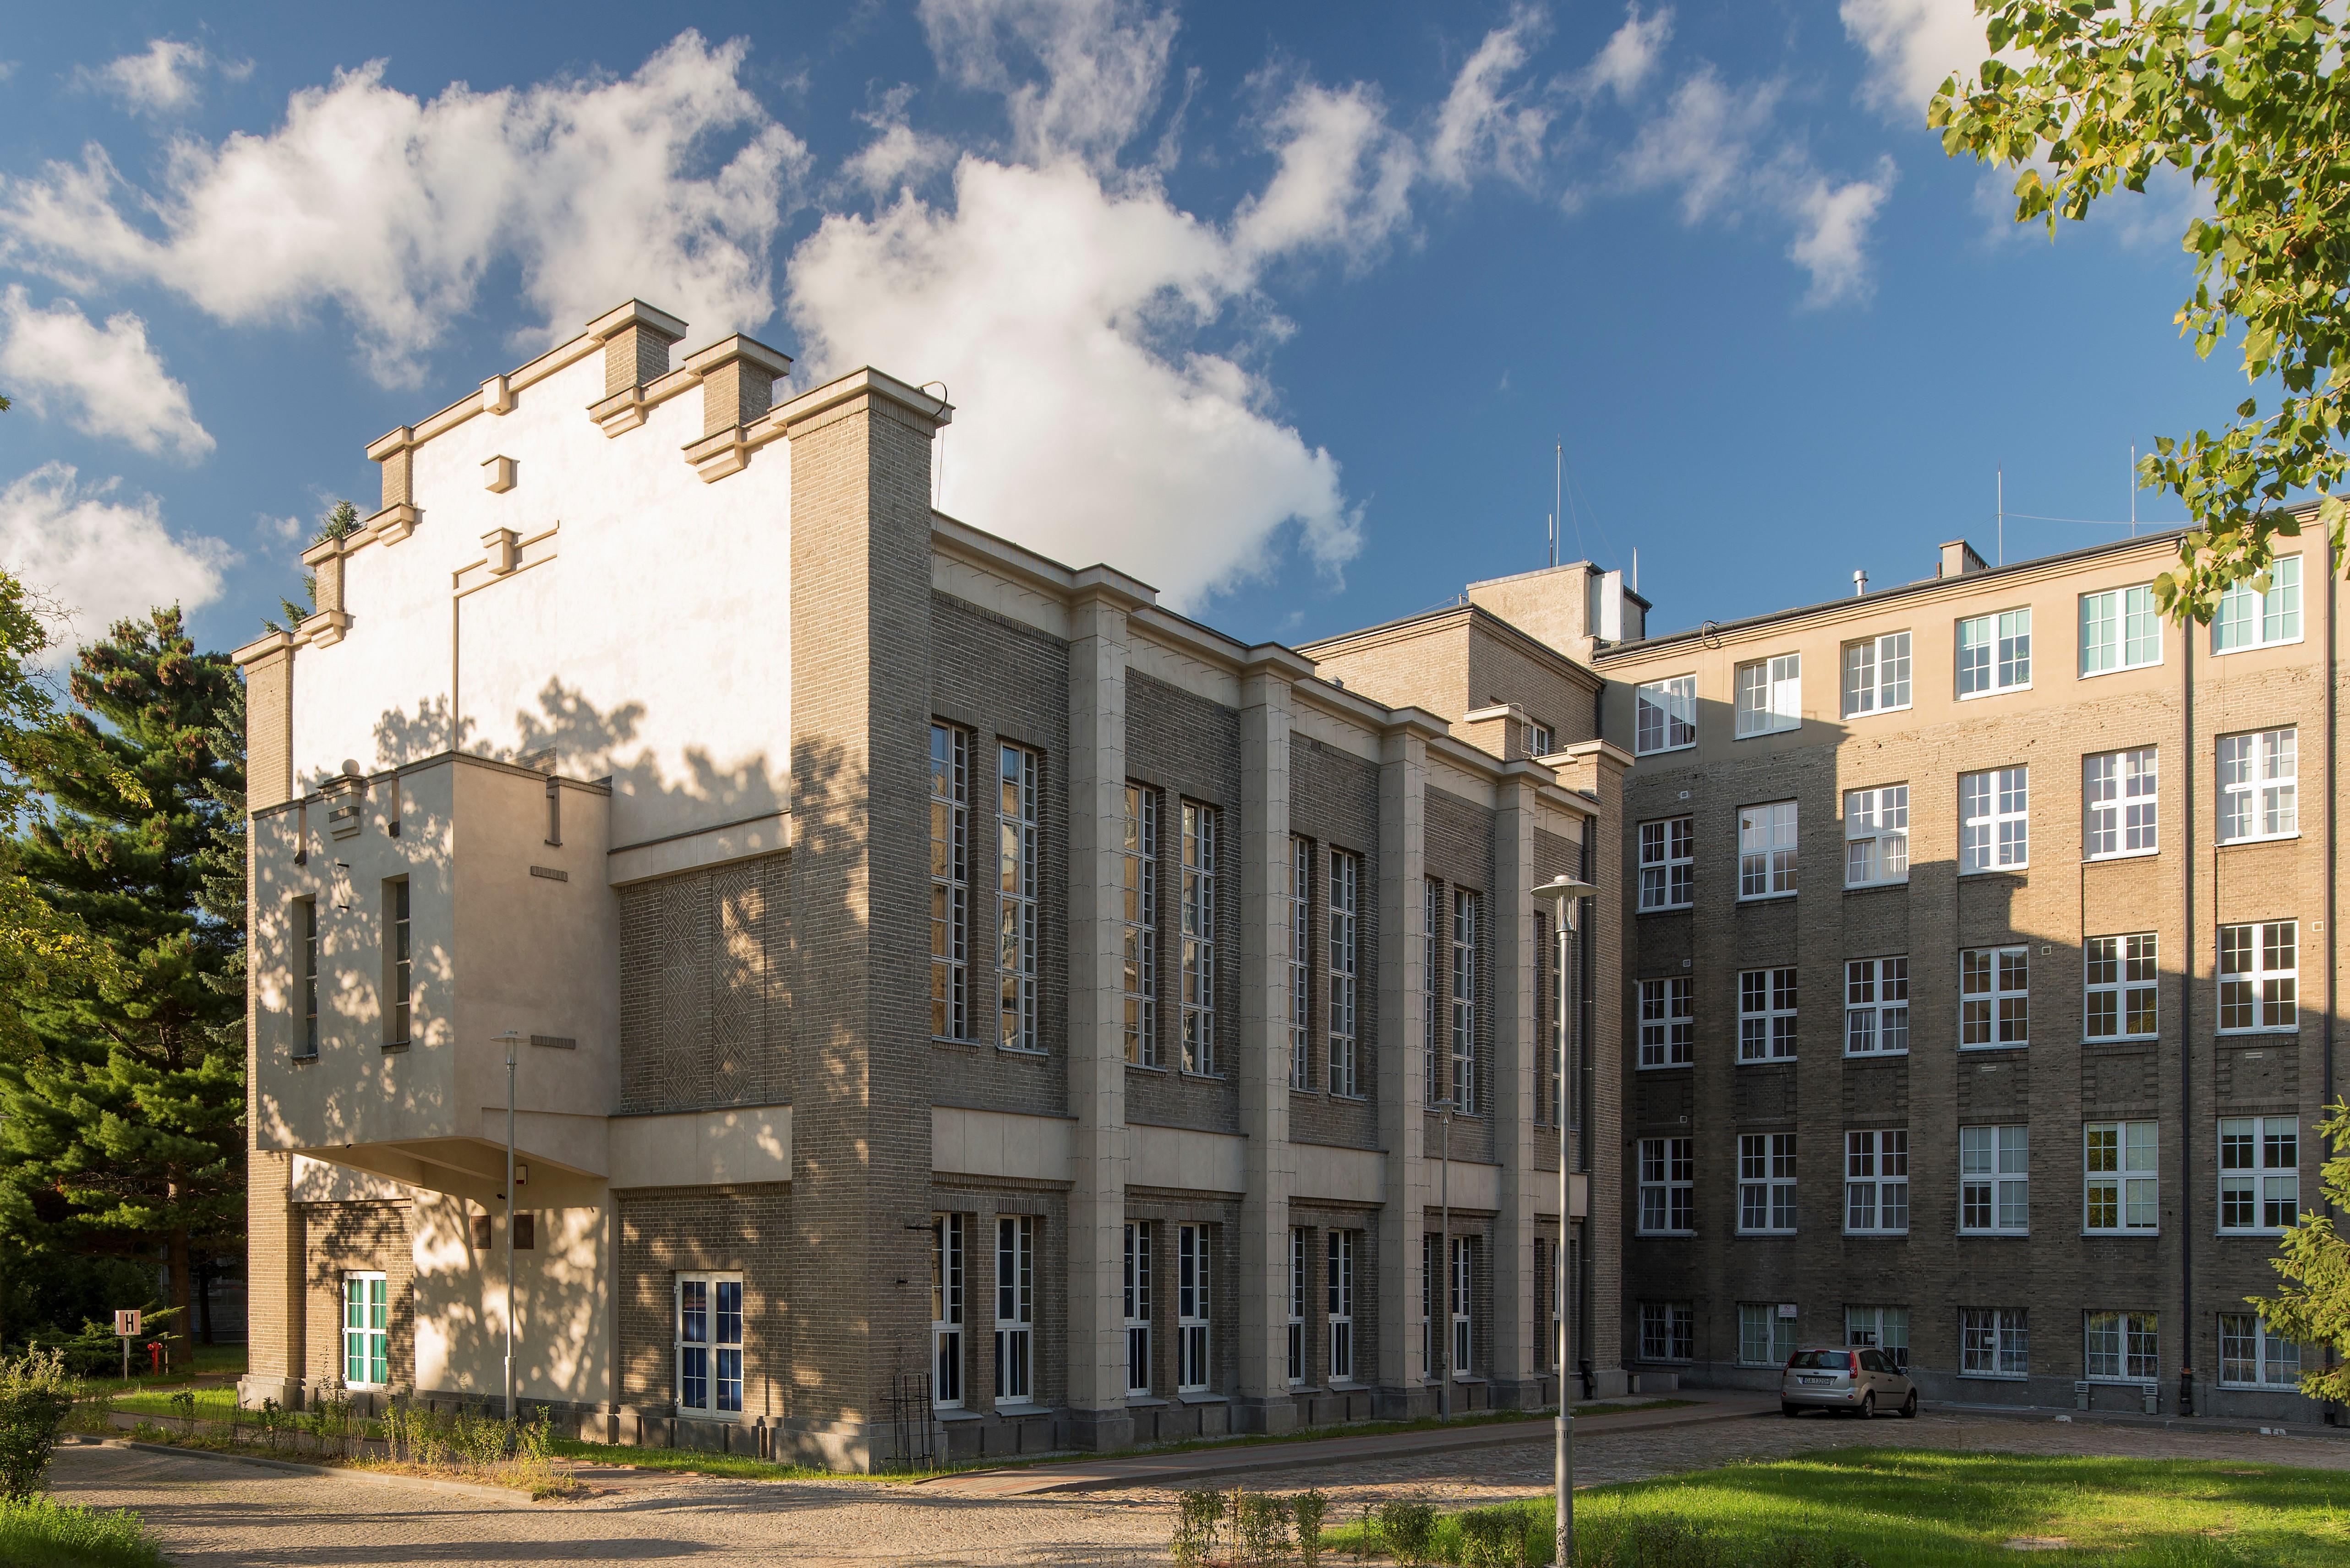 Aula Uniwersytetu Morskiego przy ul.Morskiej 81-87